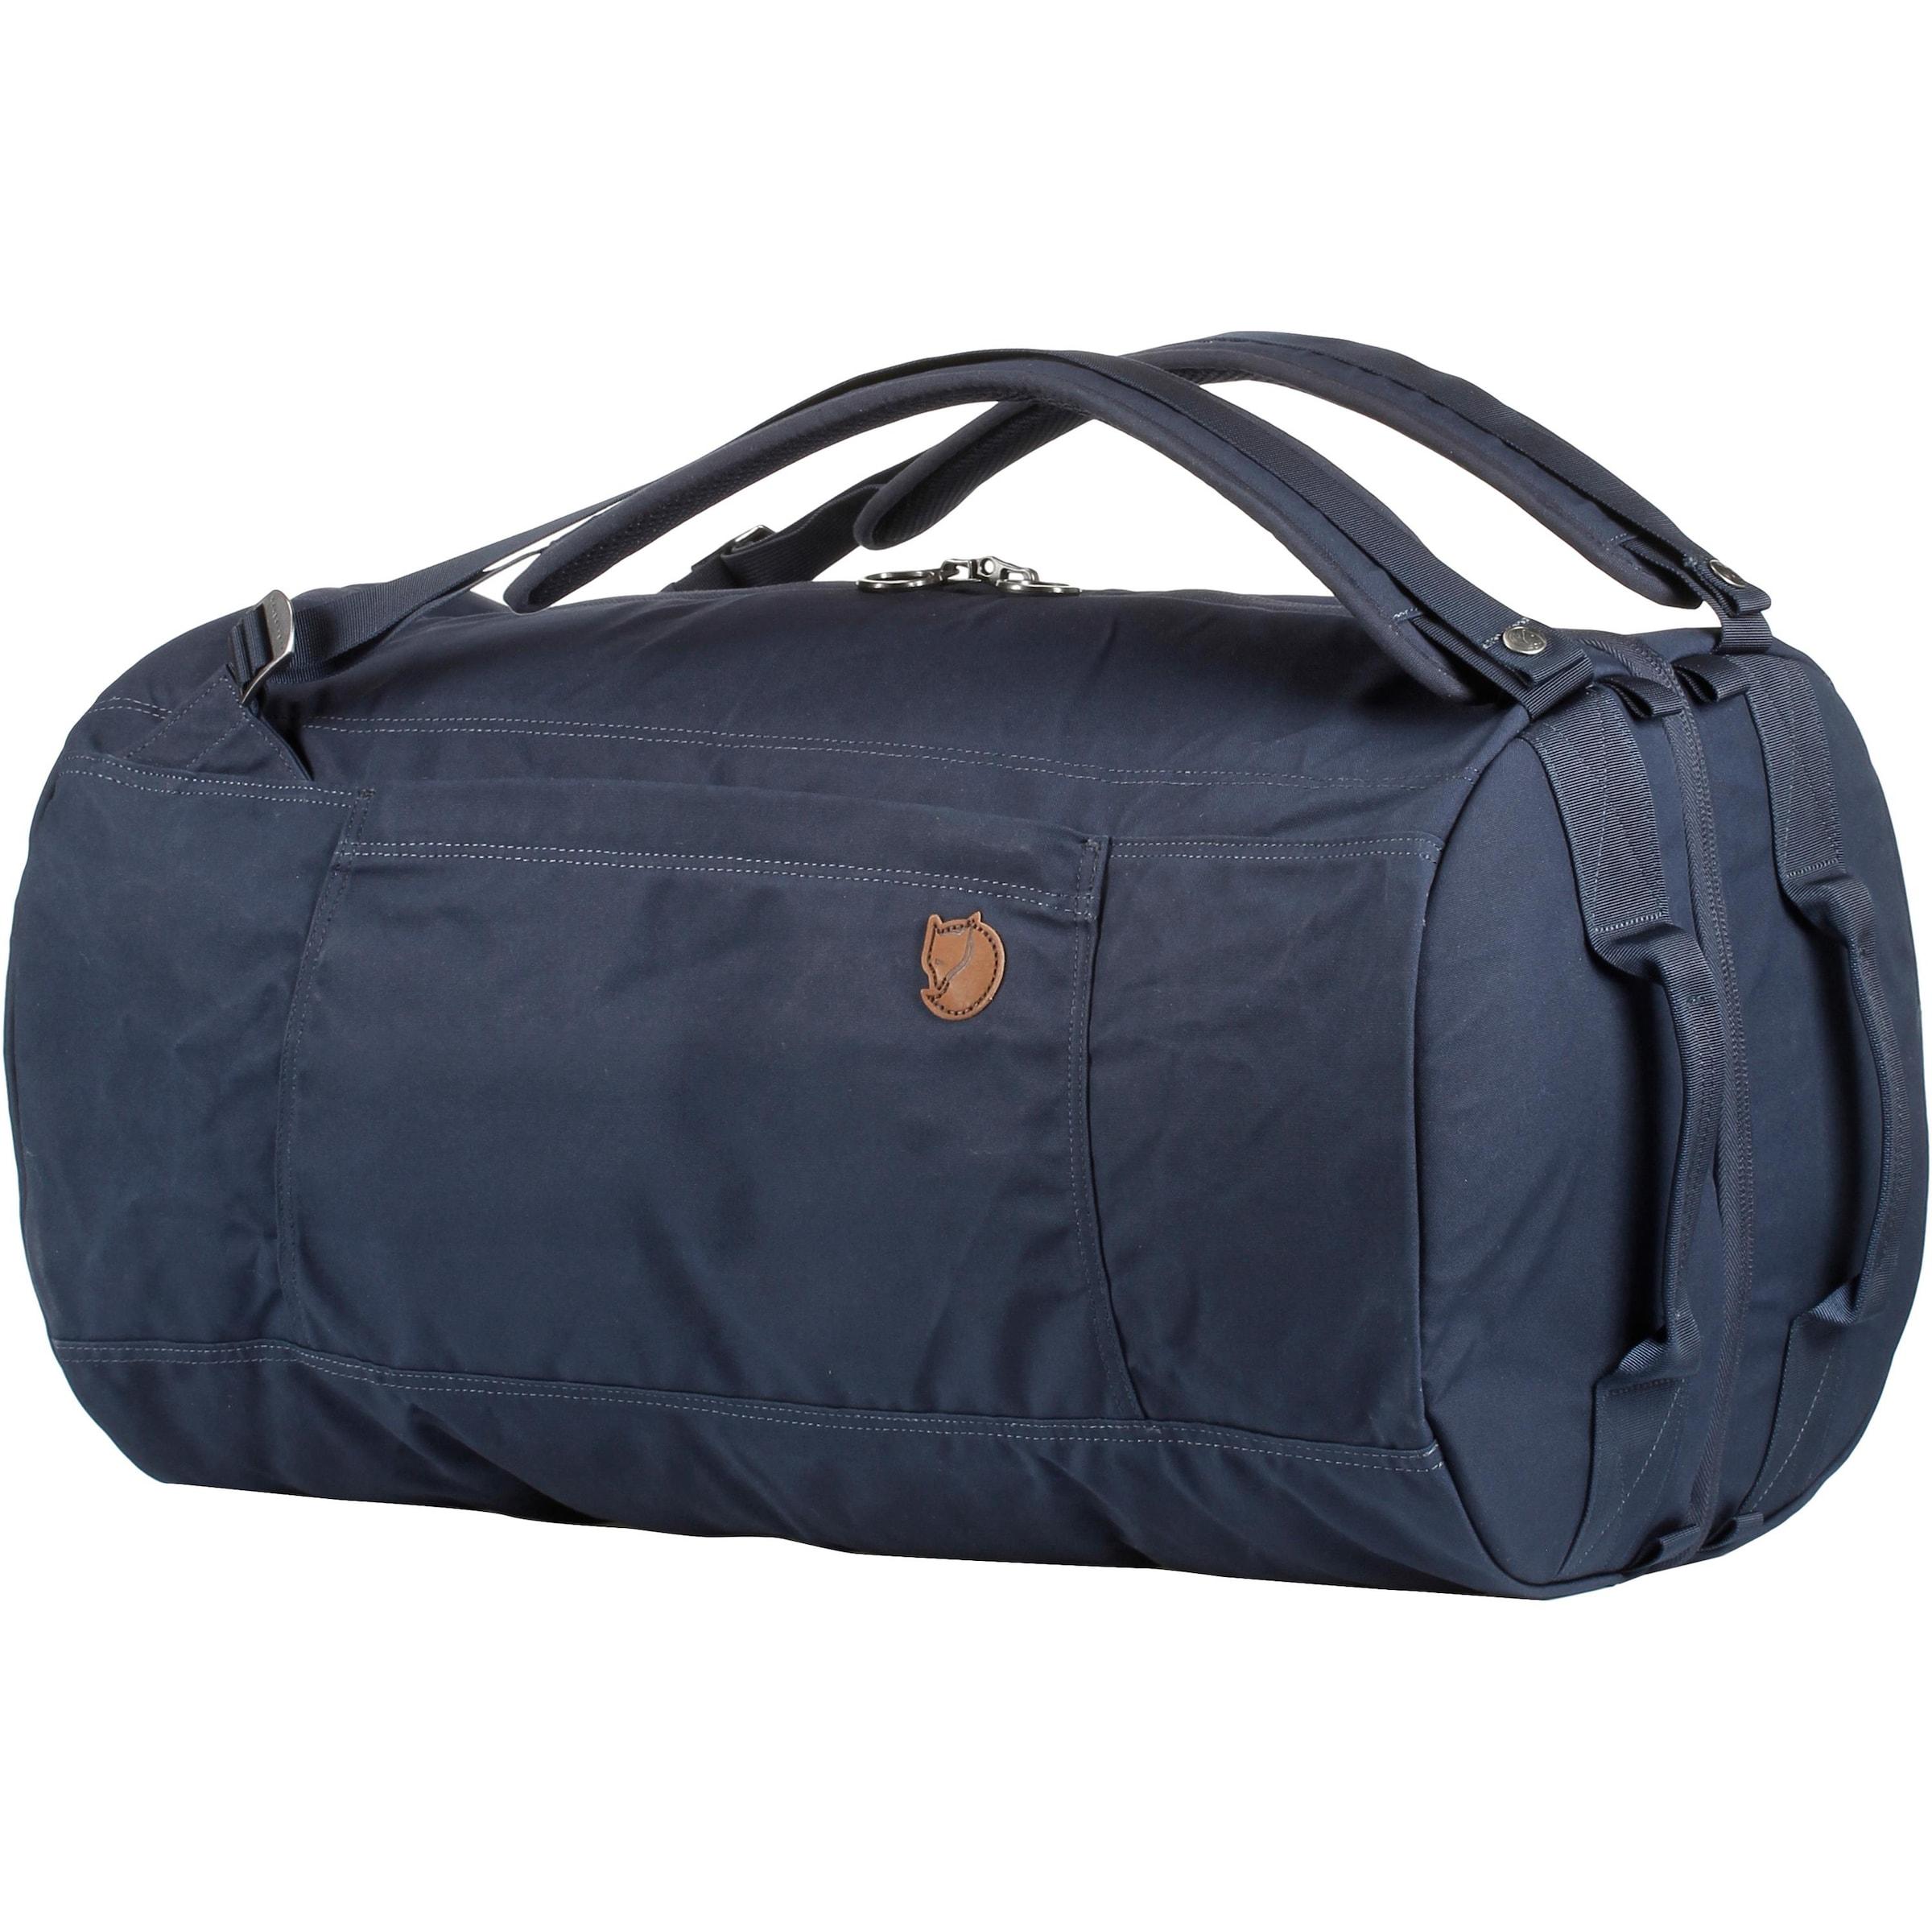 Fjällräven 'Splitpack' Large Kofferrucksack Verkaufsshop Freies Verschiffen Preiswerter Preis Guenstige Auslass 100% Original m0eQ2SqpZZ